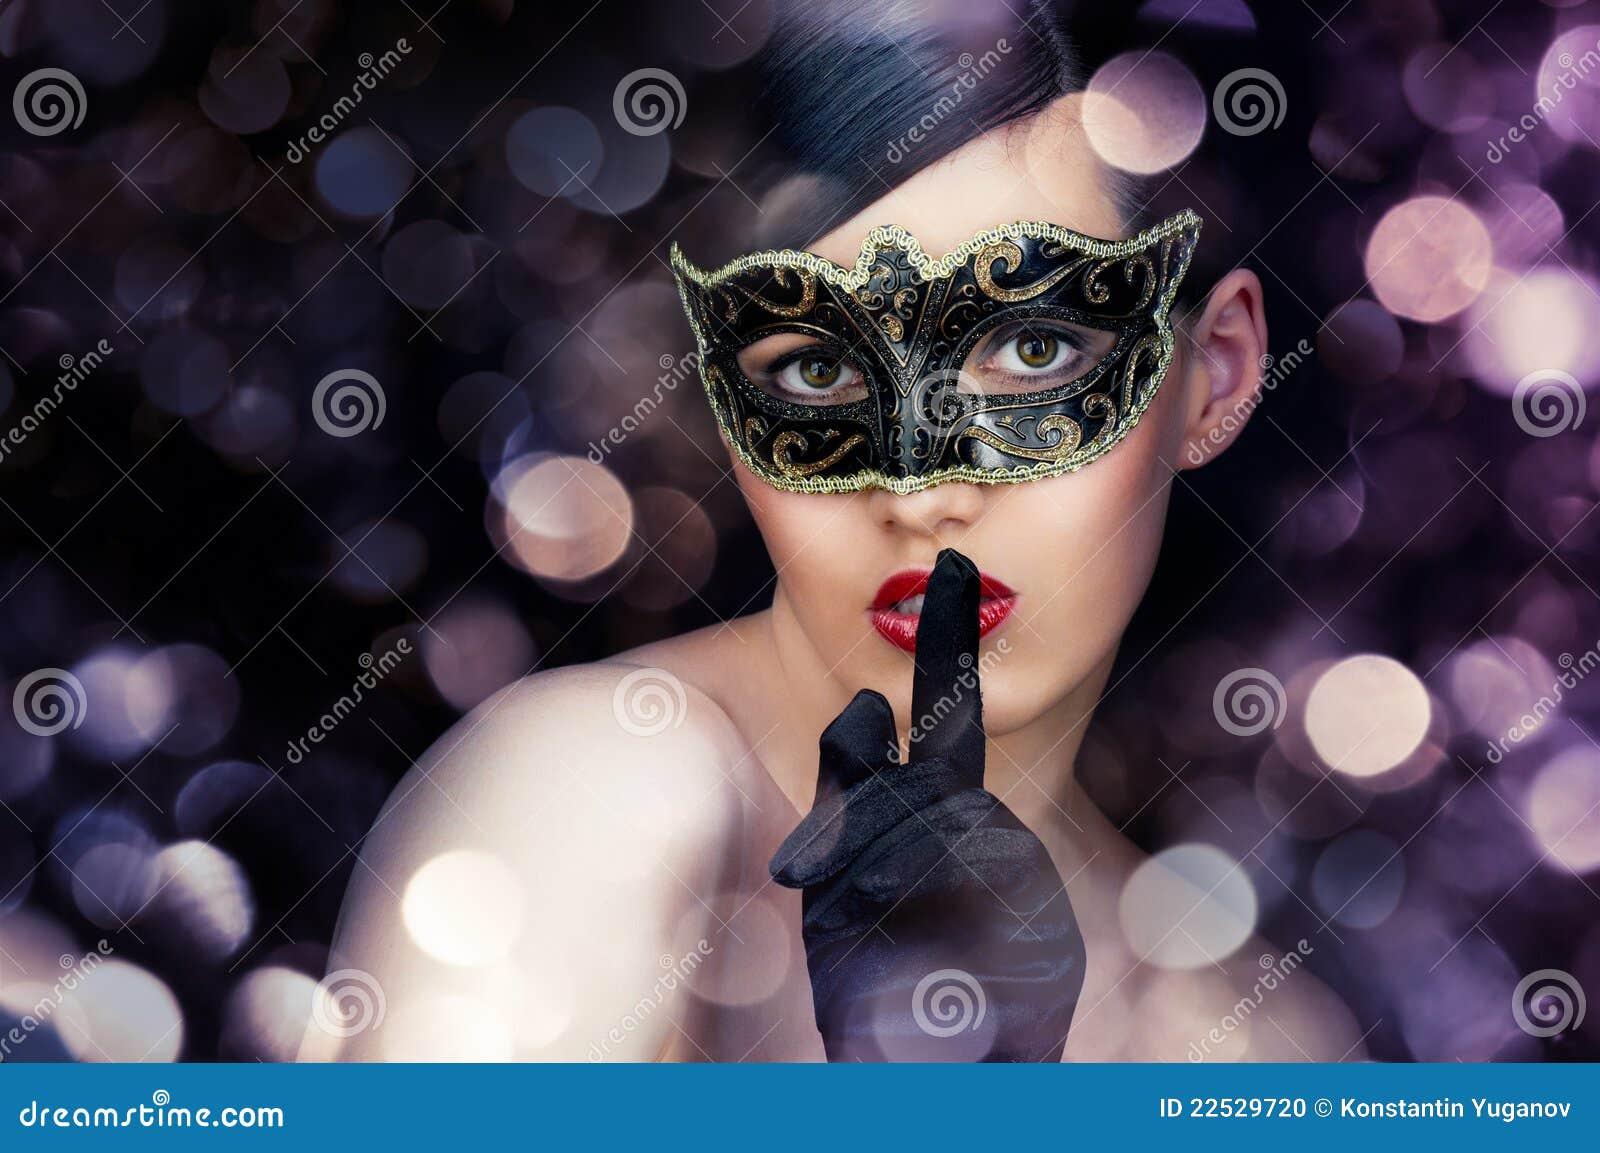 Masquerade Mask Stock Photo - Image: 22529720